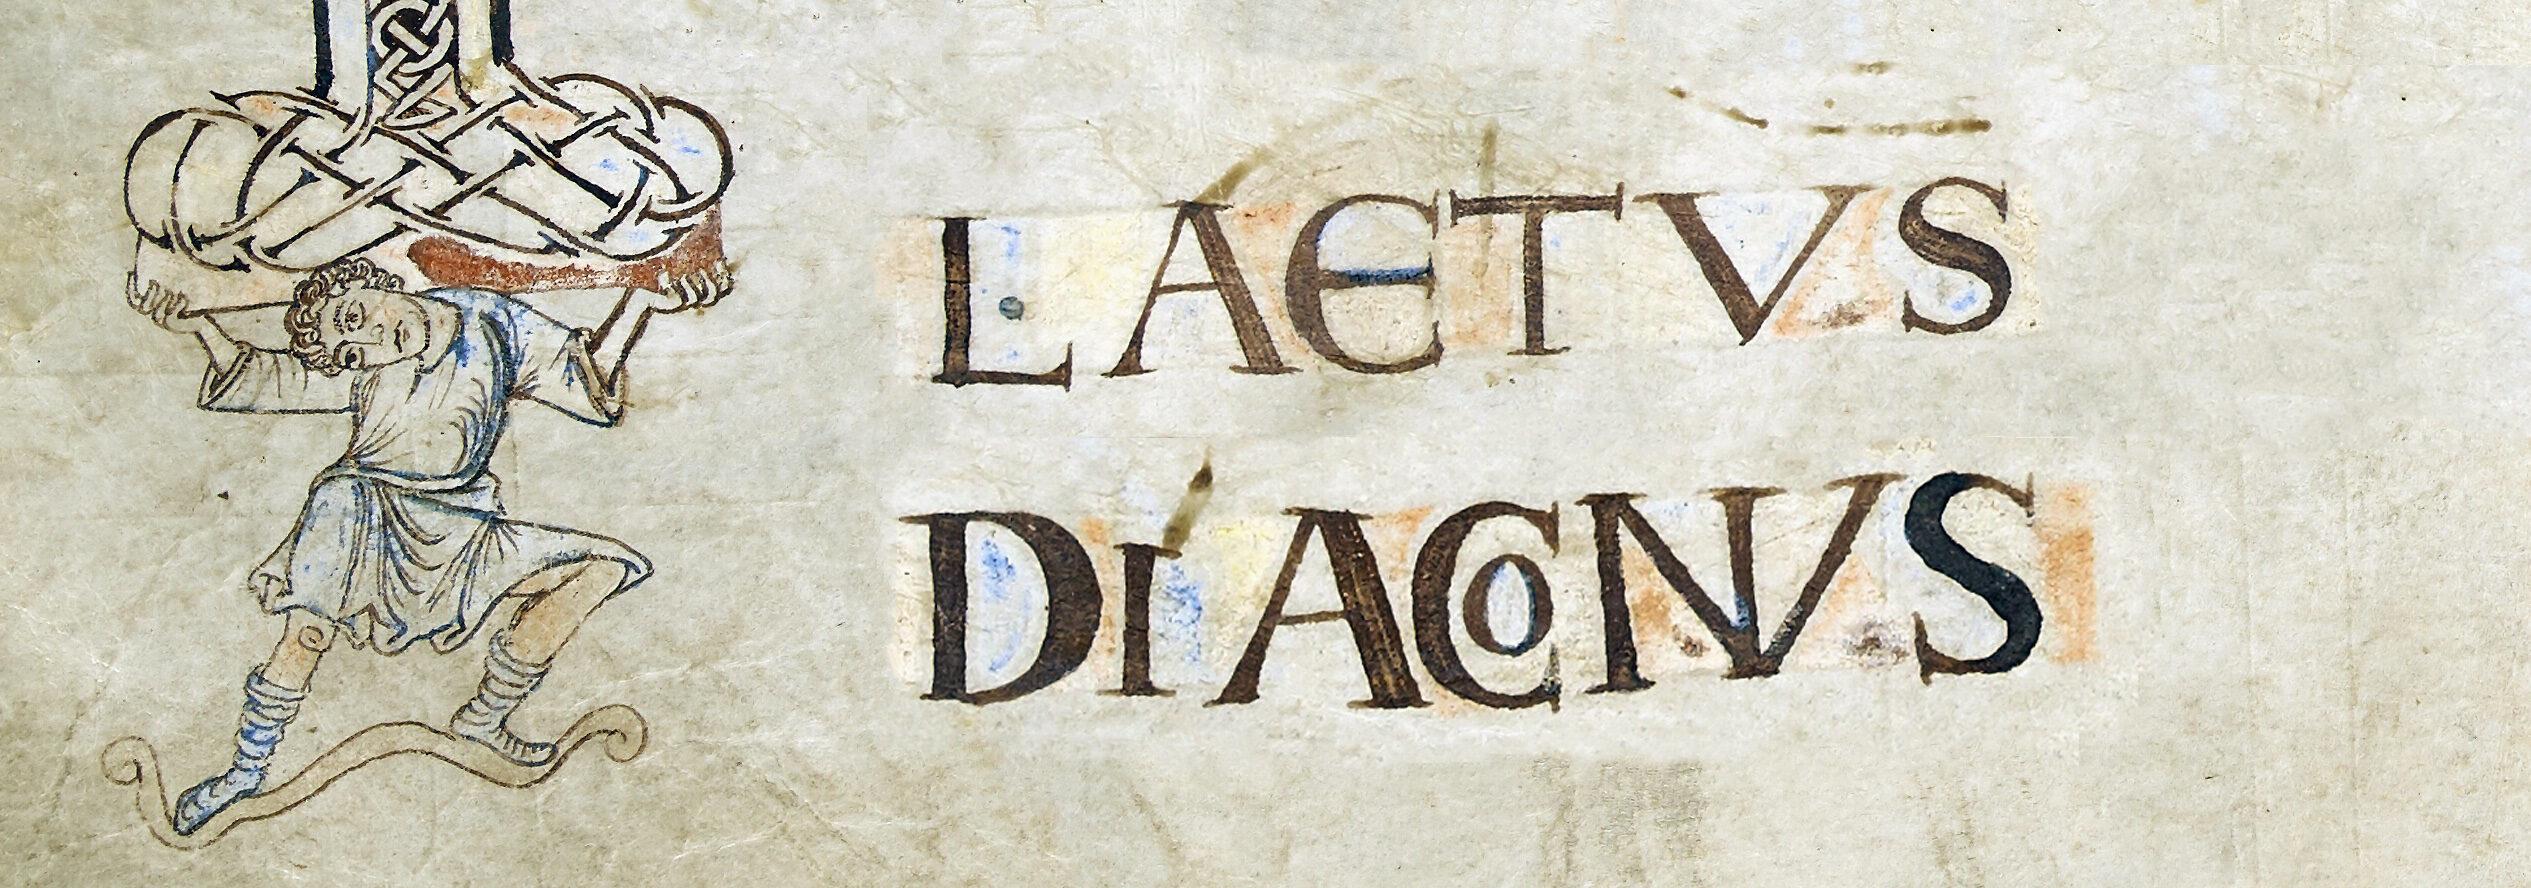 Laetus diaconus